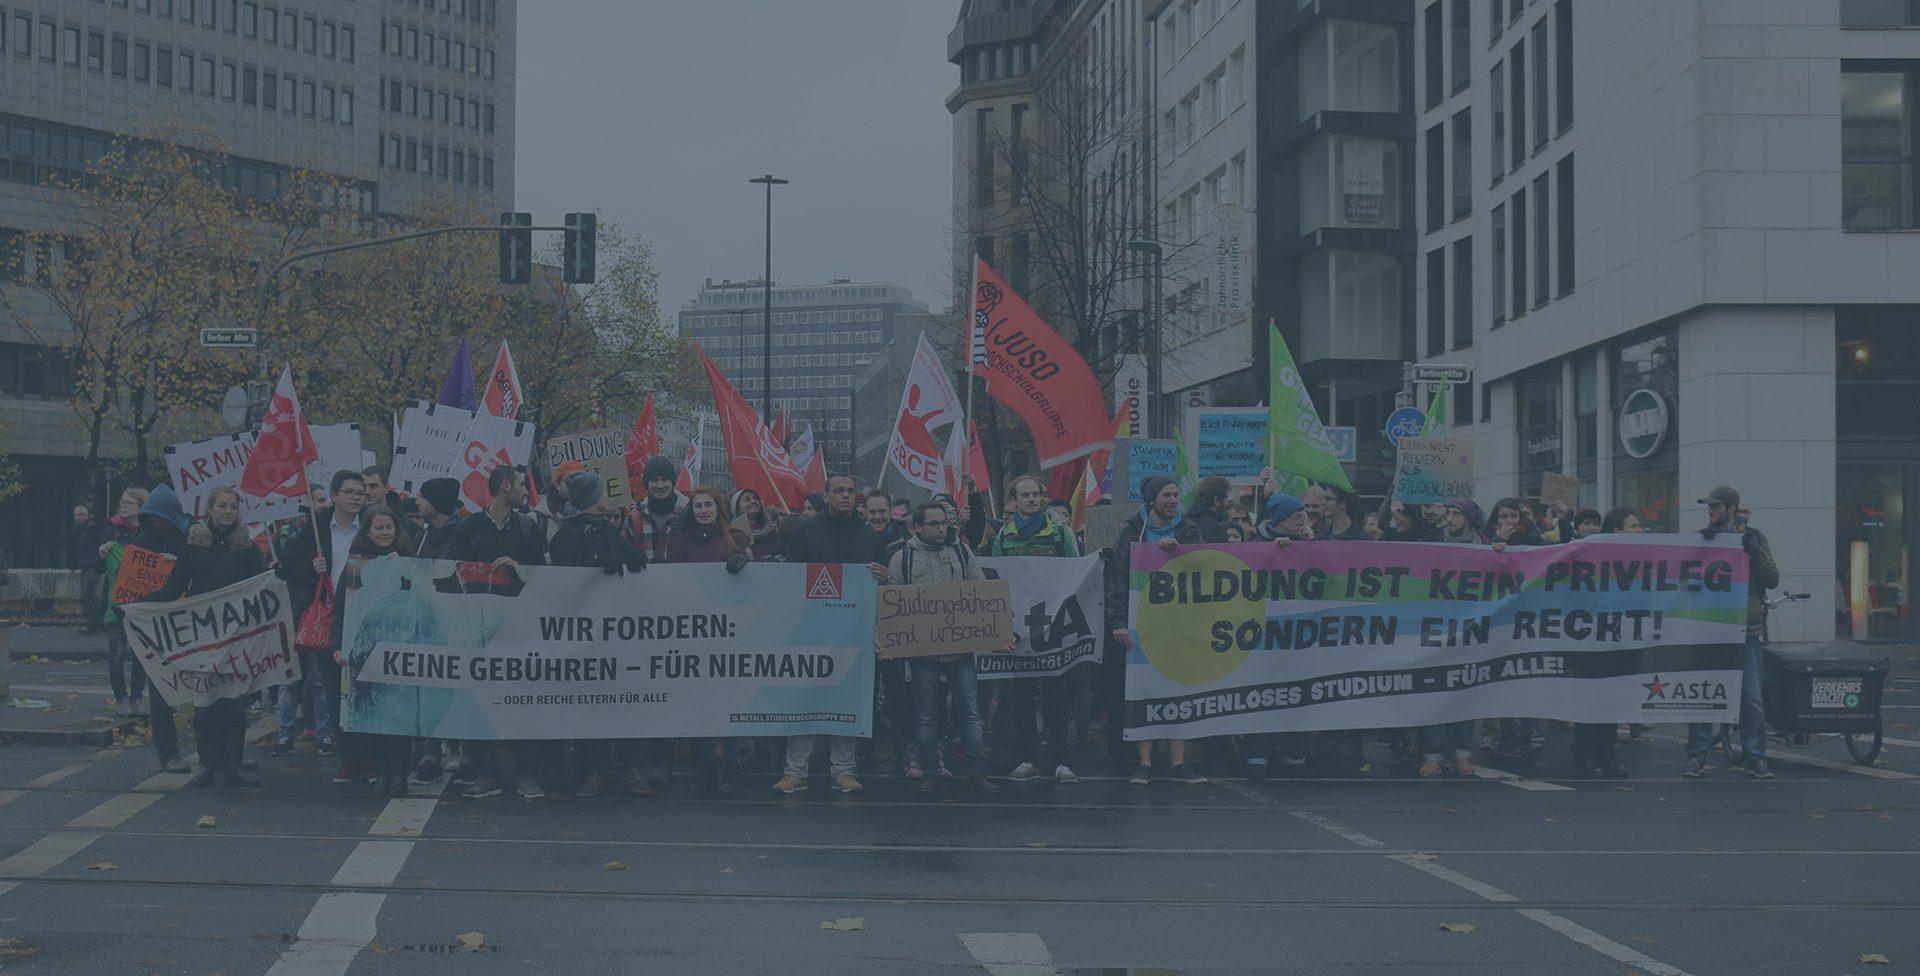 #NotMyHochschulgesetz